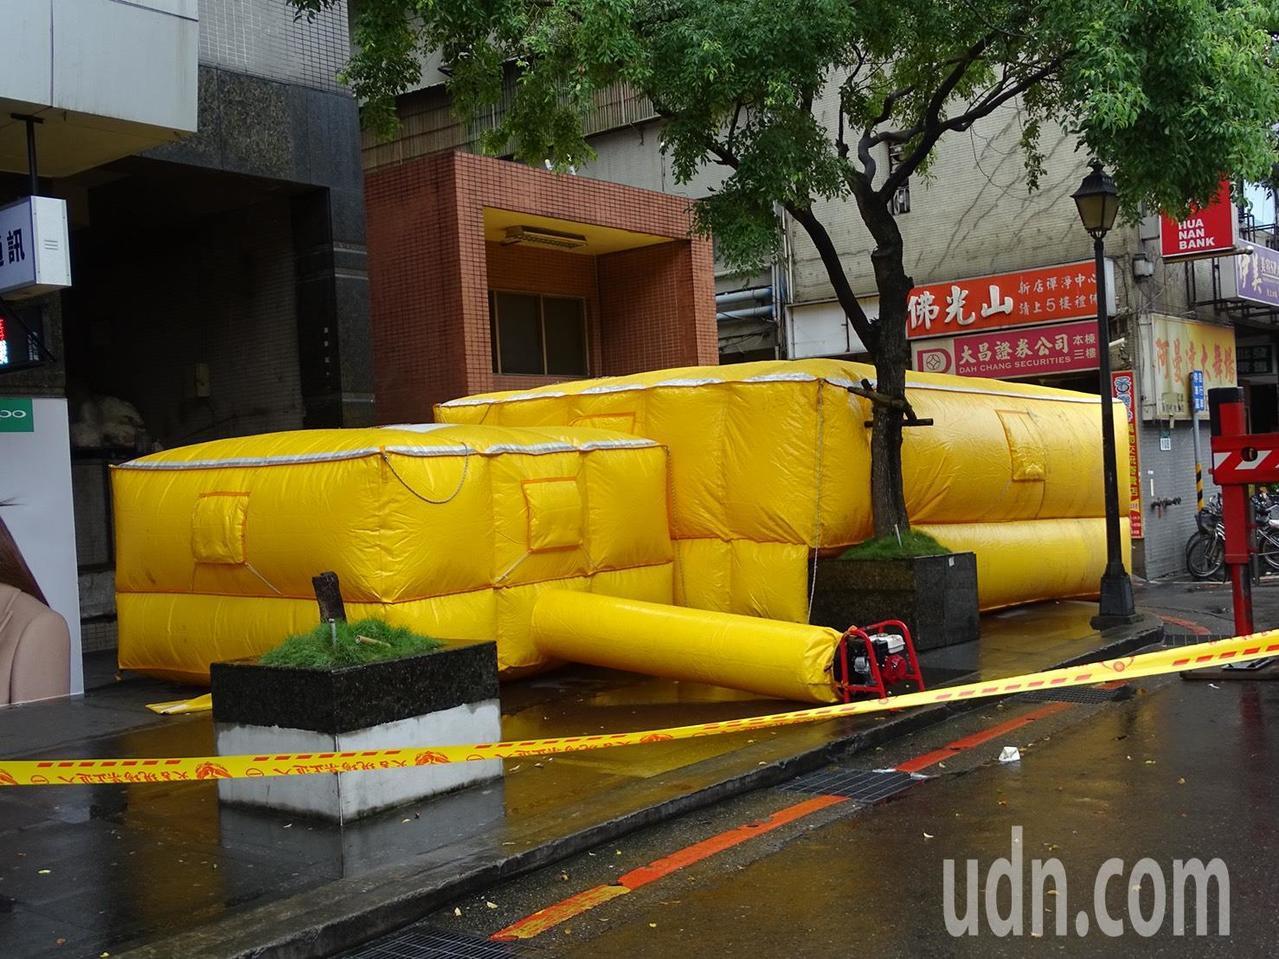 消防人員在樓下放置氣墊,預防男子跳下。記者江孟謙/攝影